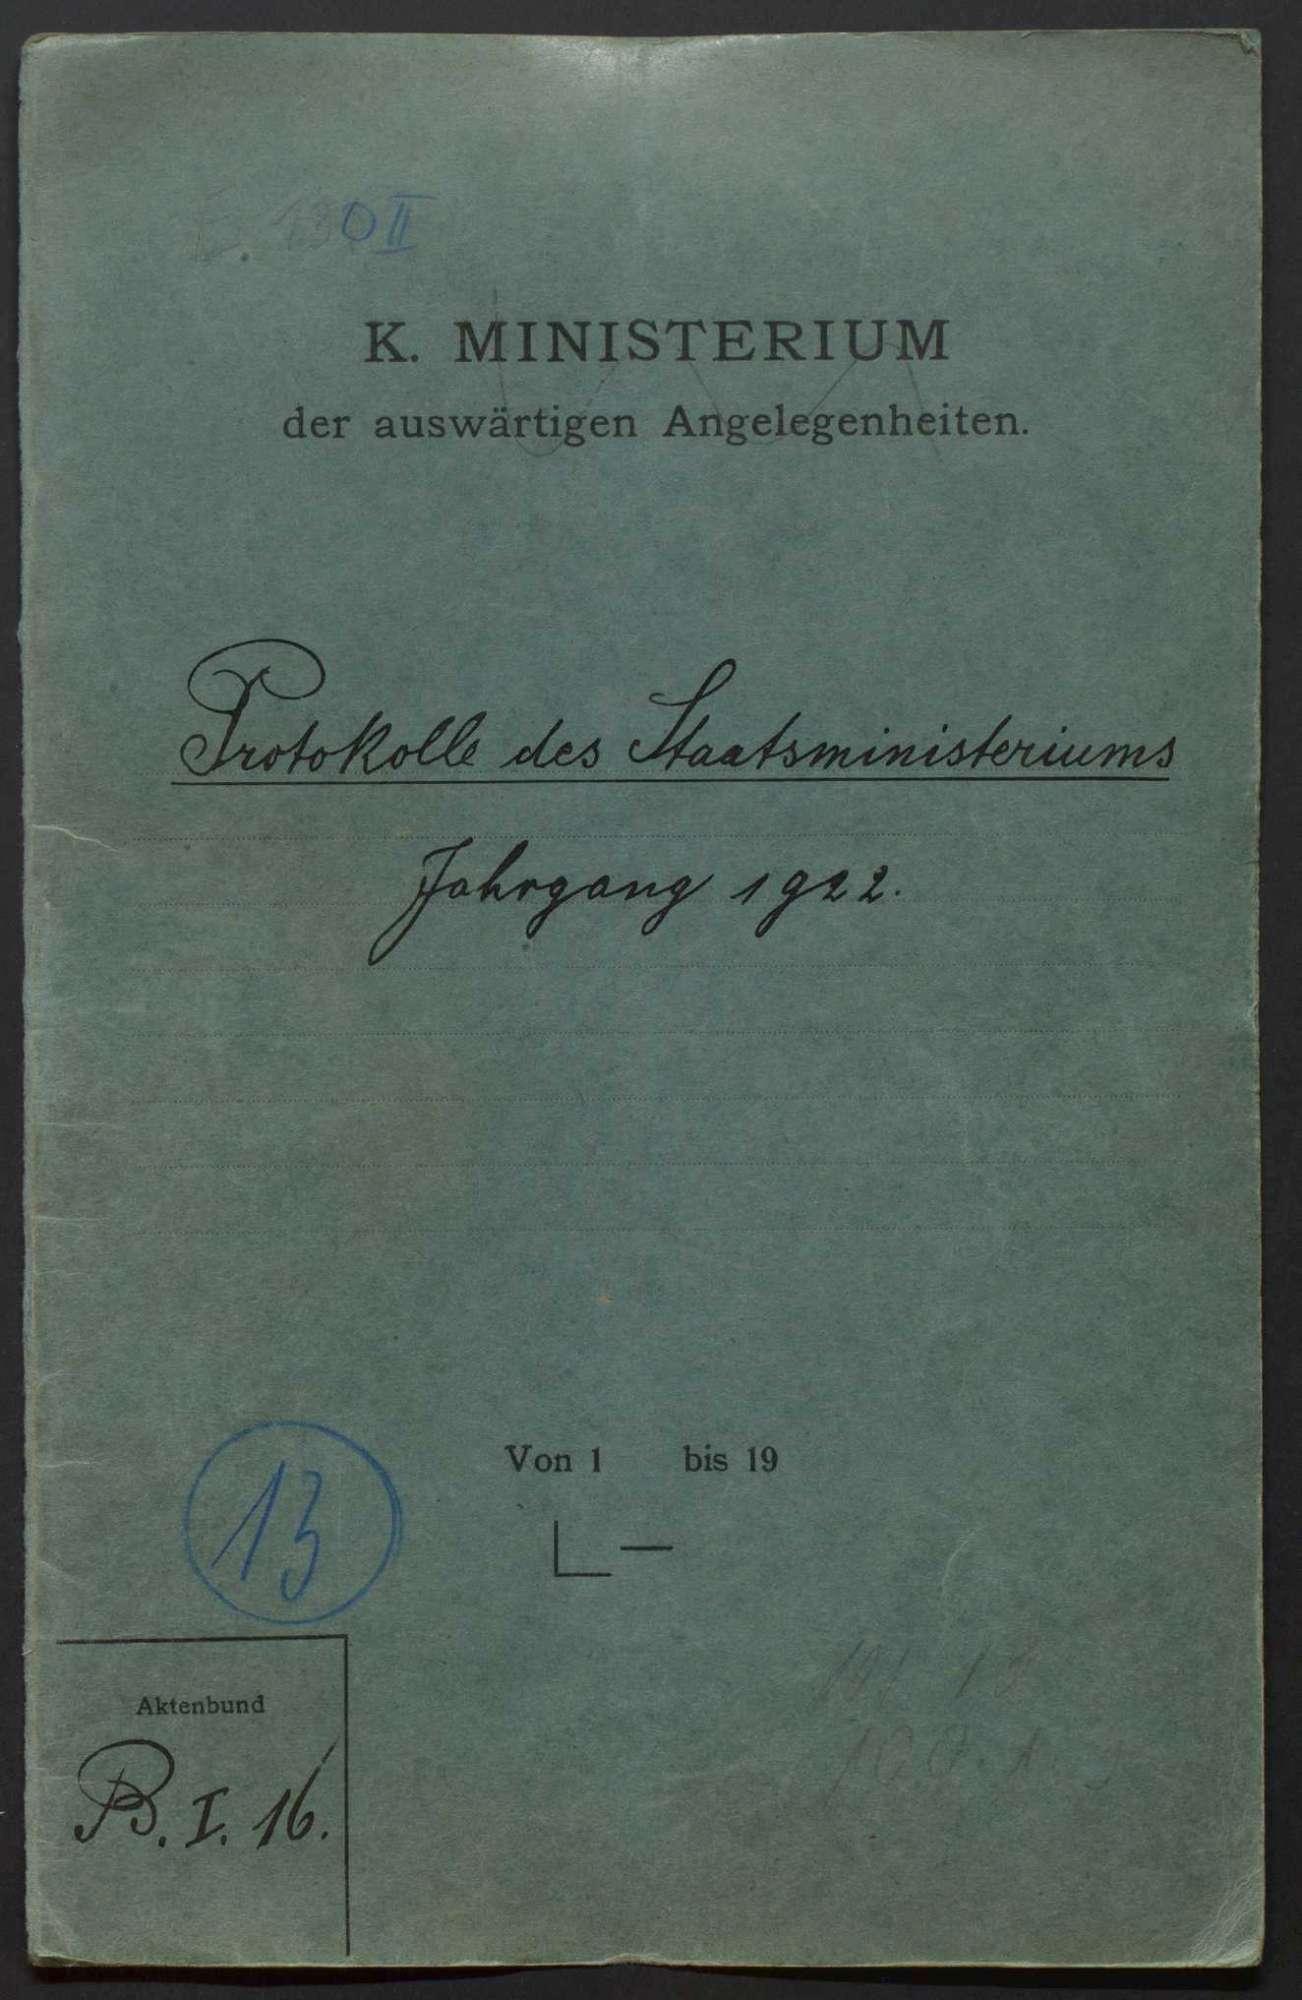 Niederschriften über Sitzungen des Staatsministeriums mit Beilagen, Bild 1